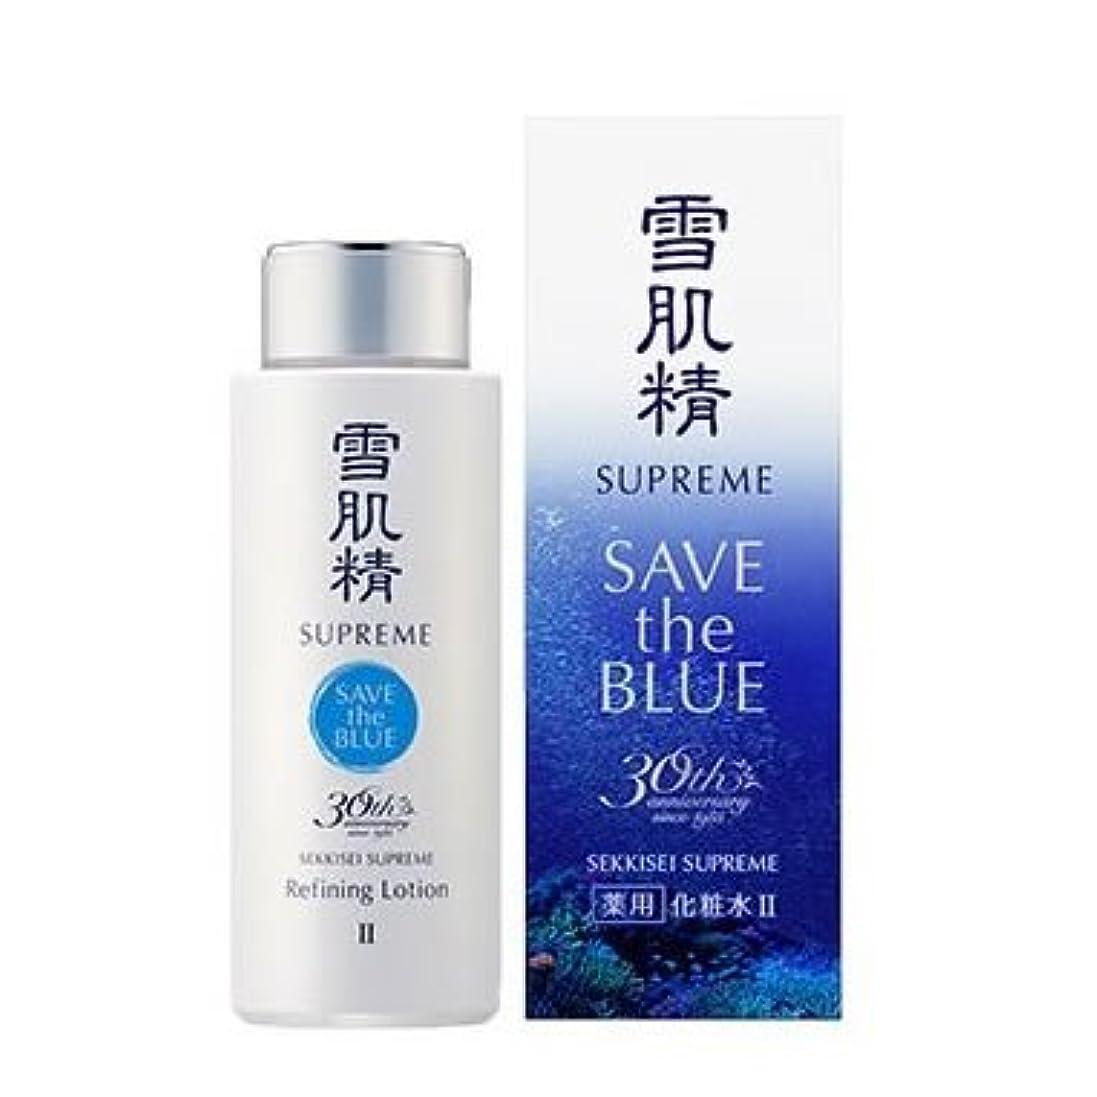 コーセー 雪肌精シュープレム 化粧水 II 400ml 限定ボトル SAVE the BLUE 30th Anniversary [並行輸入品]